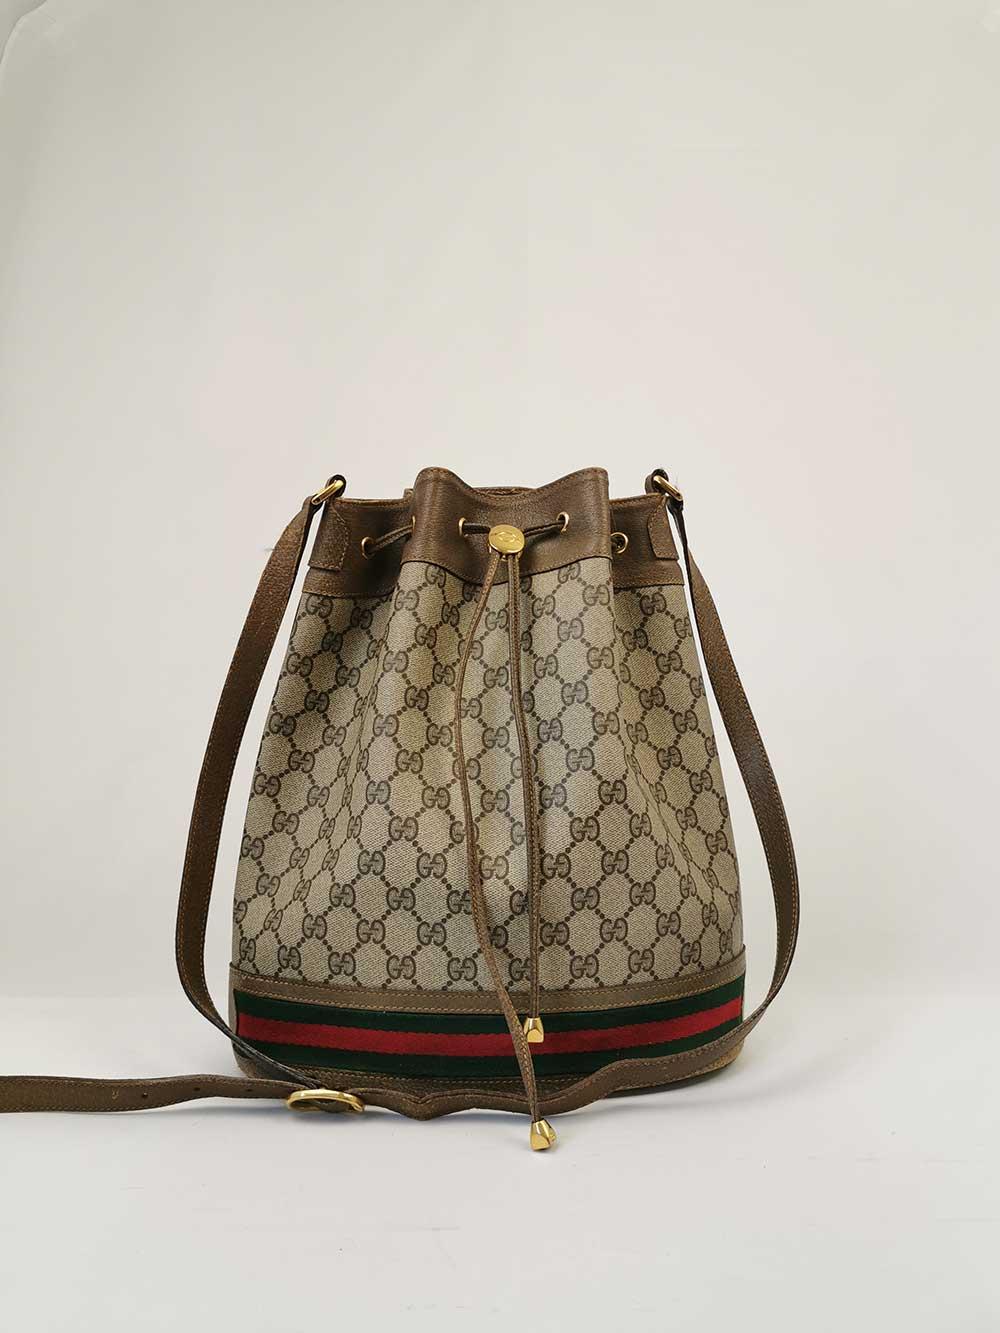 Gucci Ophidia Bucket Shoulder Bag Vintage Handbag